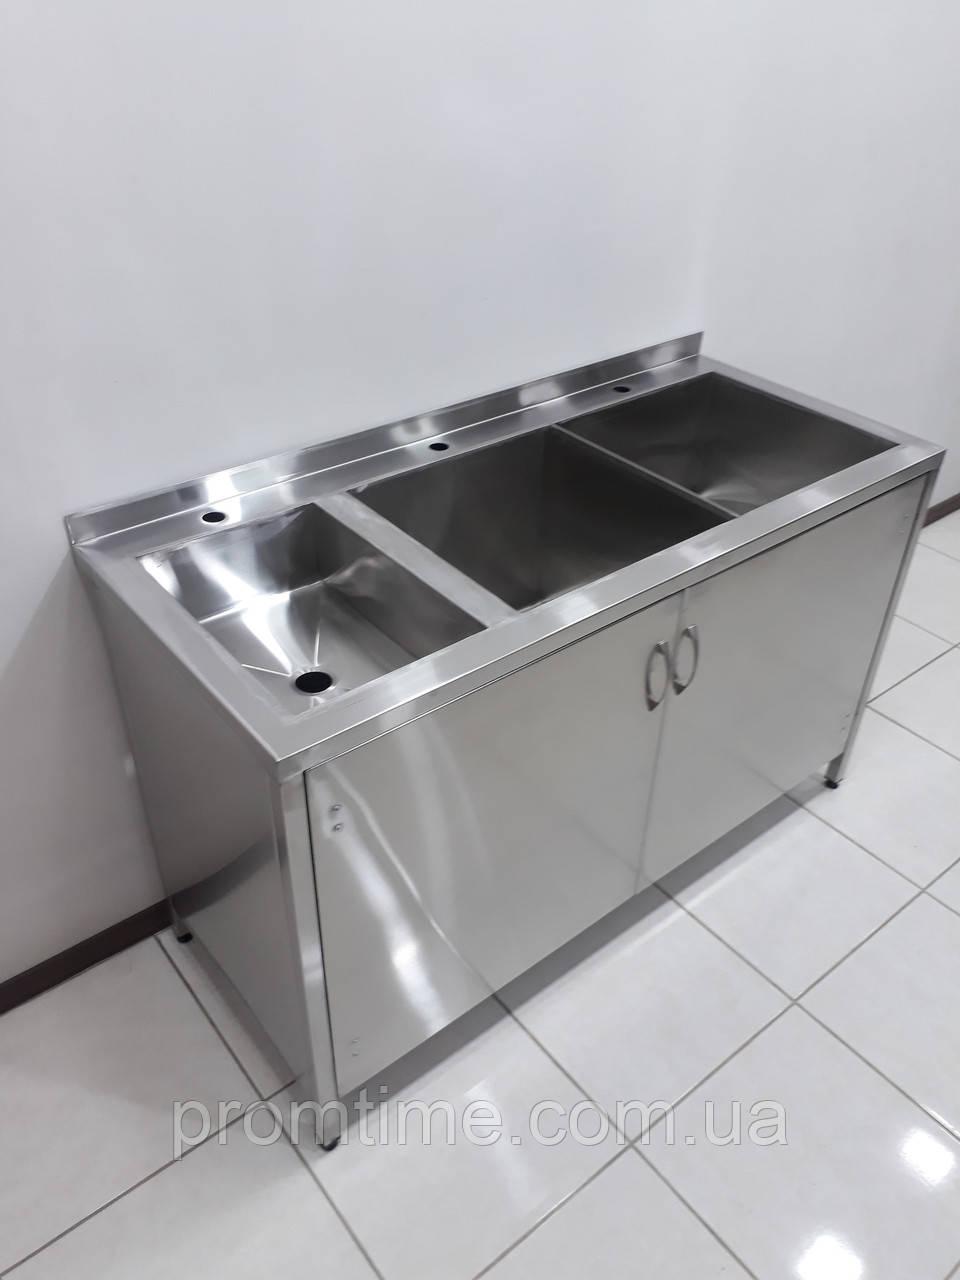 Ванна моечная из нержавеющей стали 1400х600х850